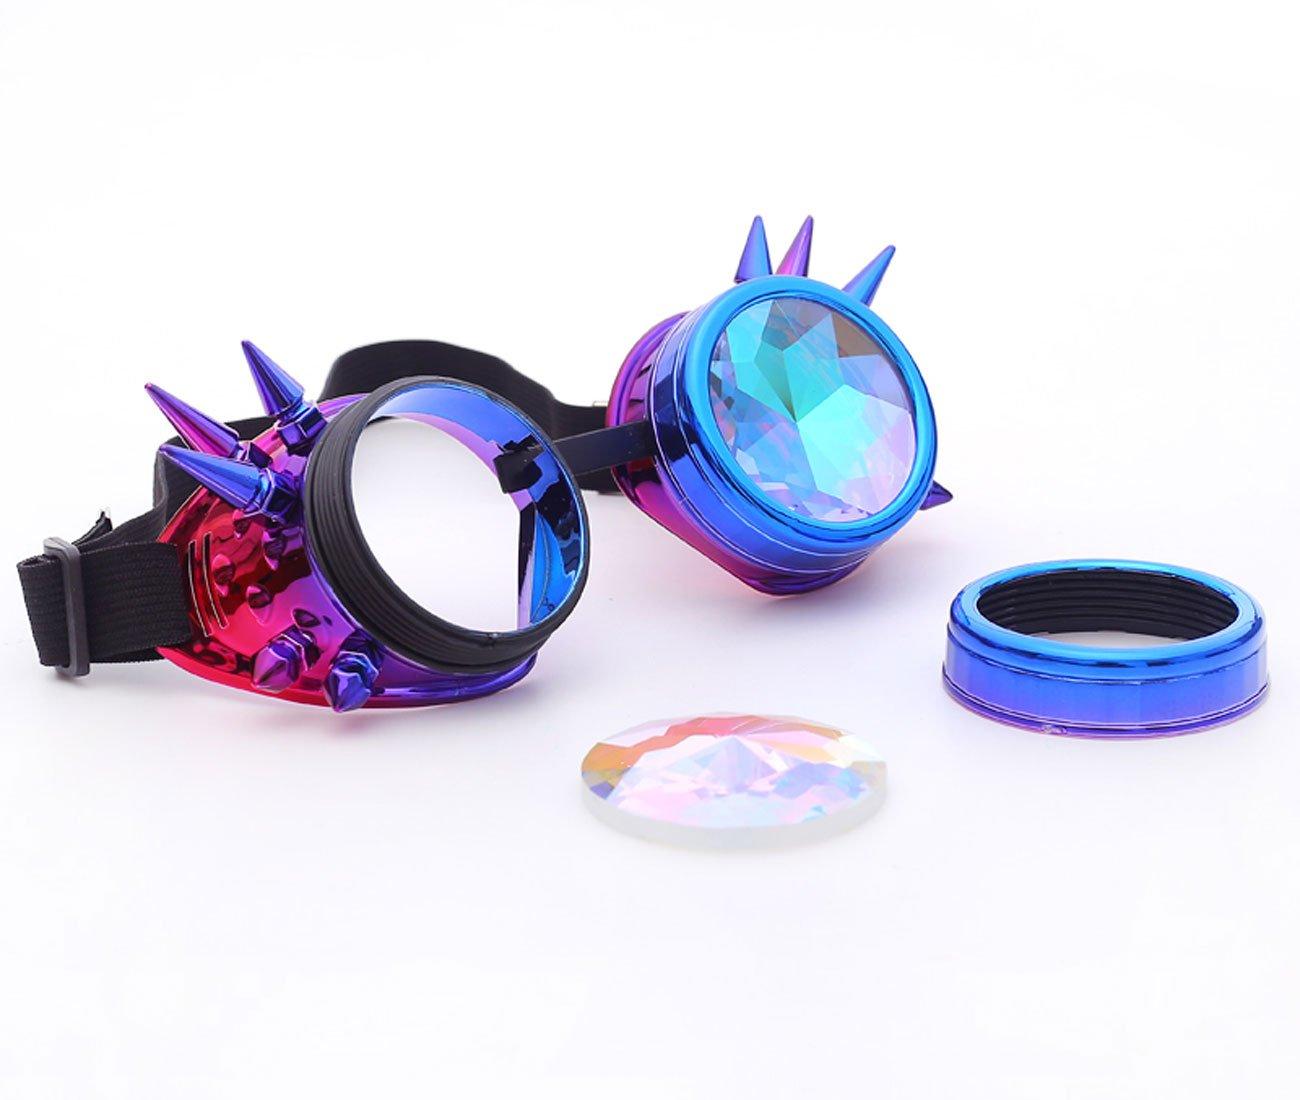 af4c227179 Gafas para fiestas Gafas de natación con Pinchos y Lentes de arcoíris  Gorros, máscaras y accesorios ...